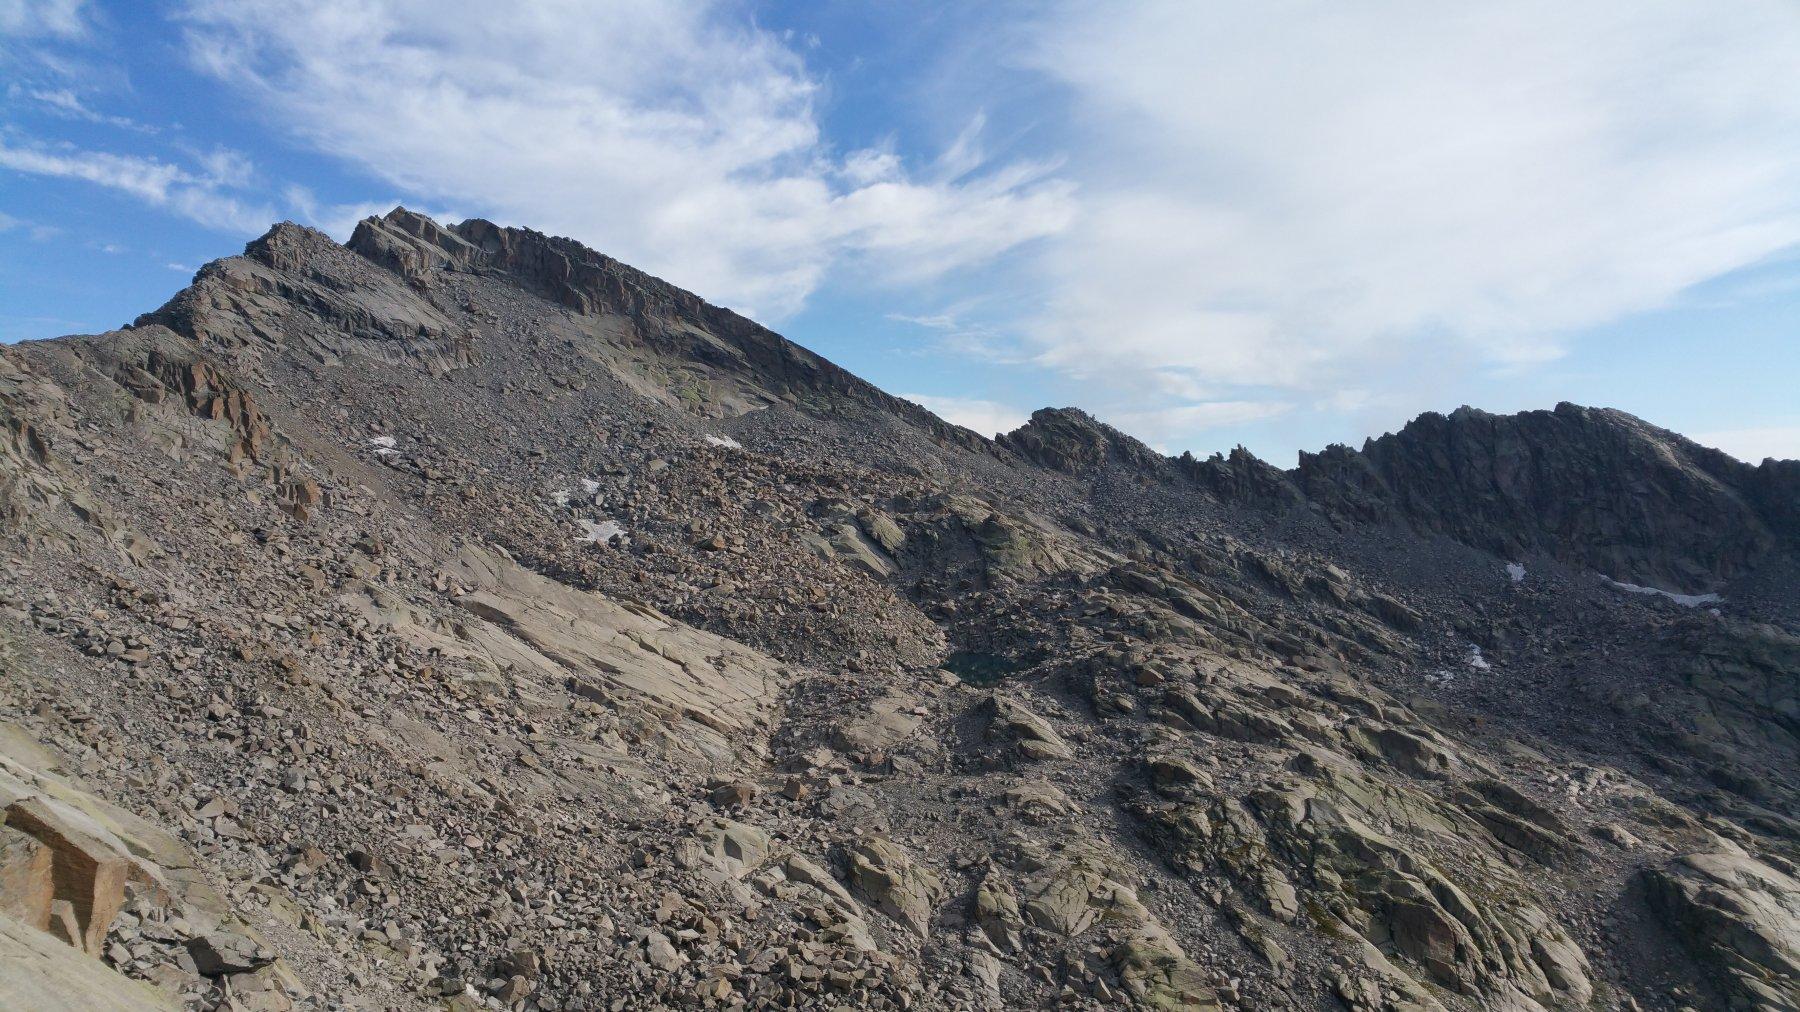 Punta Gialin e colletto Gialin visto dal colletto a sx del Passo del Moncimur